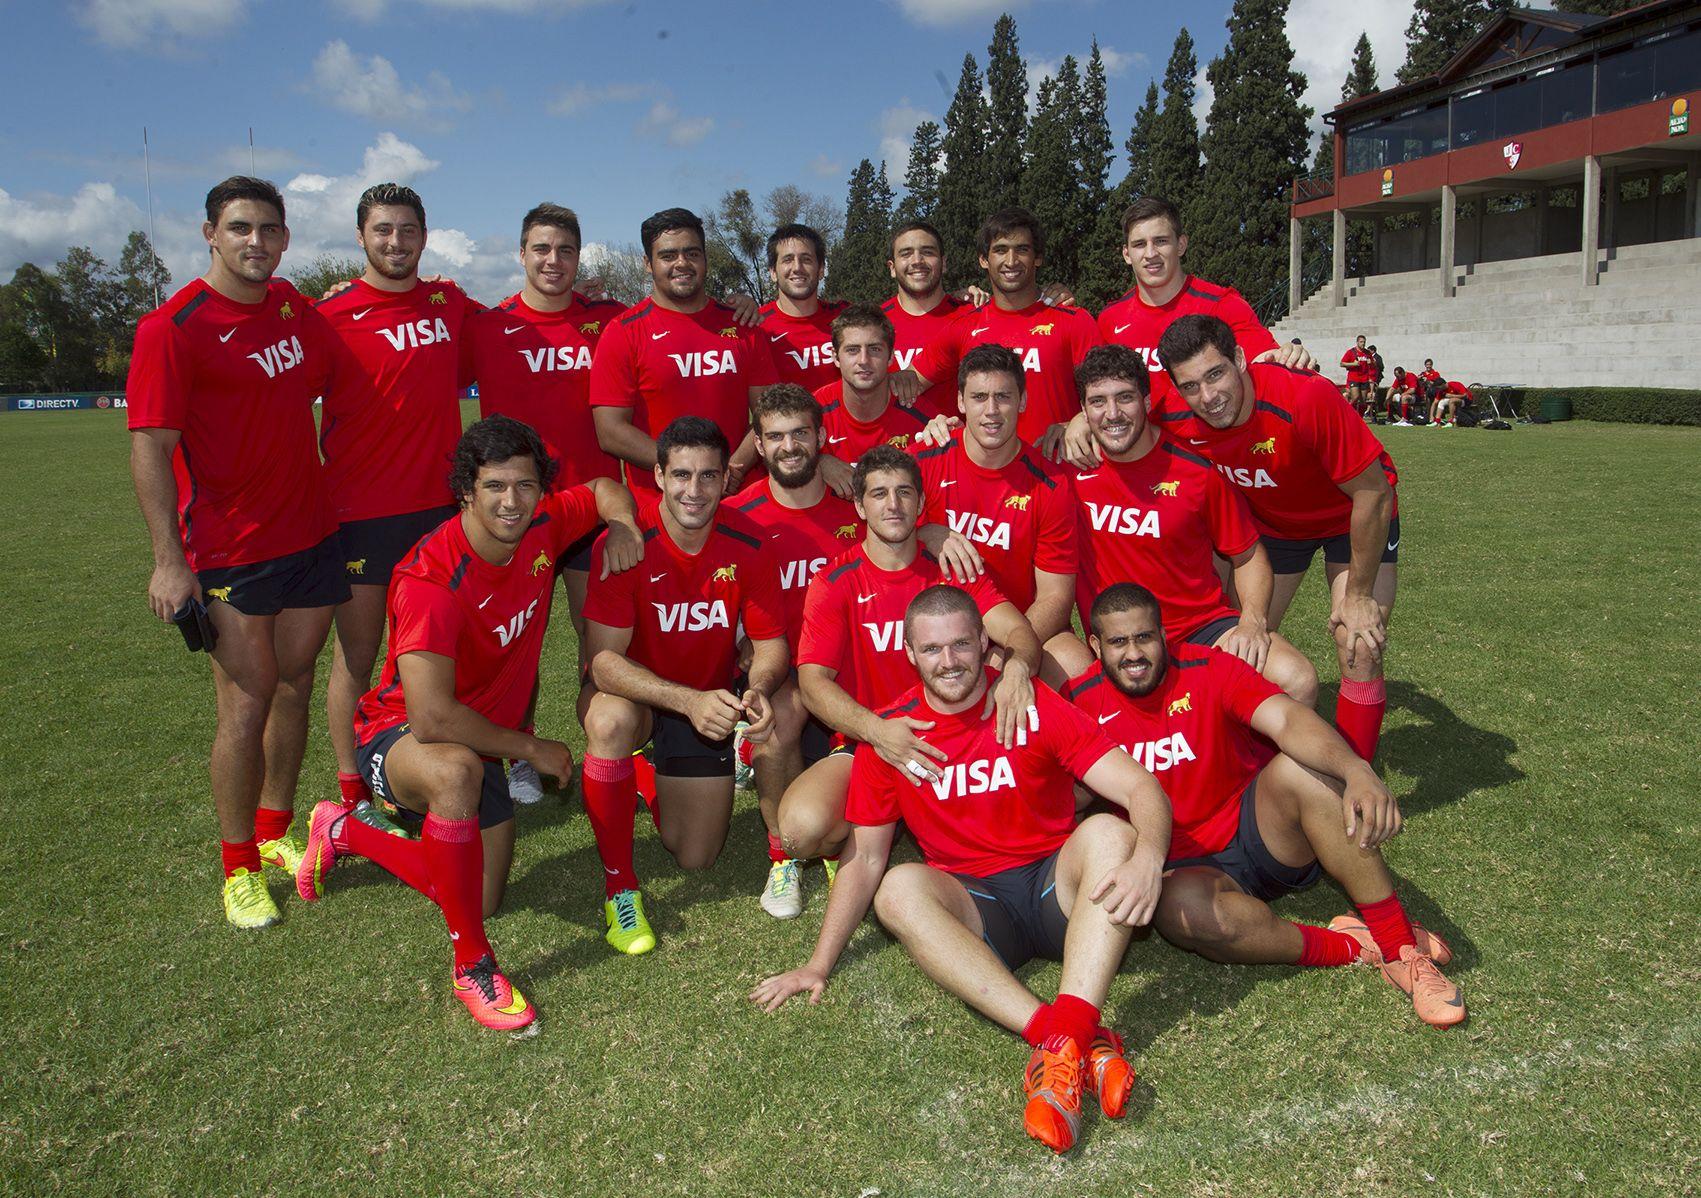 El grupo. Los jugadores del seleccionado posaron para la foto tras el entrenamiento que cumplieron ayer.